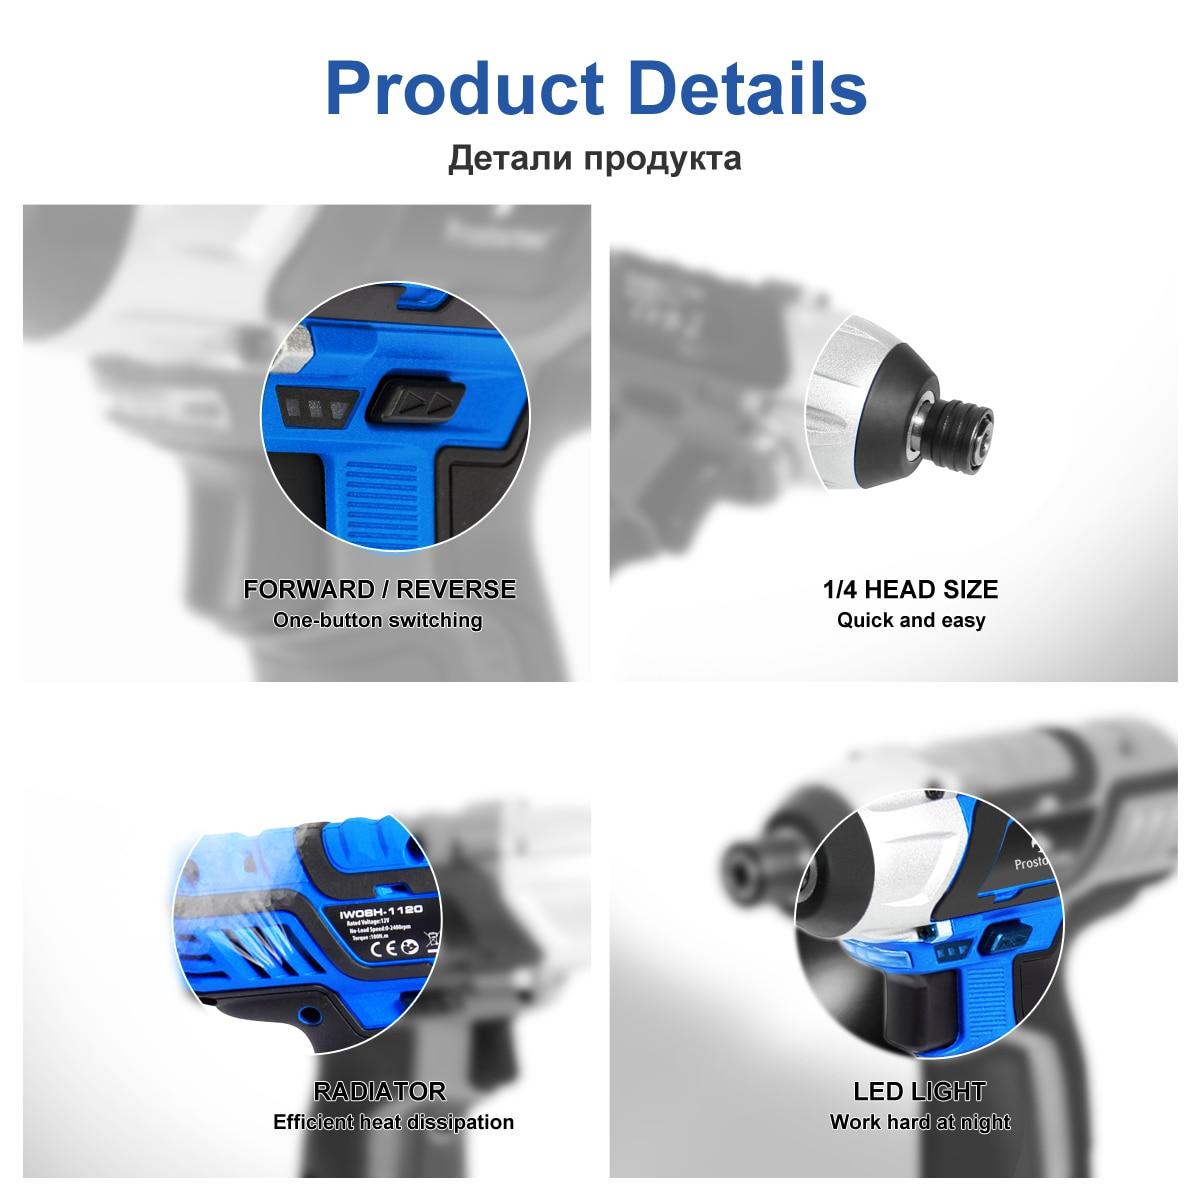 Image 4 - PROSTORMER 100 нм электрическая отвертка 12 В аккумуляторная дрель литиевая батарея аккумуляторная Шестигранная аккумуляторная отвертка винт-in Электрические отвертки from Инструменты on